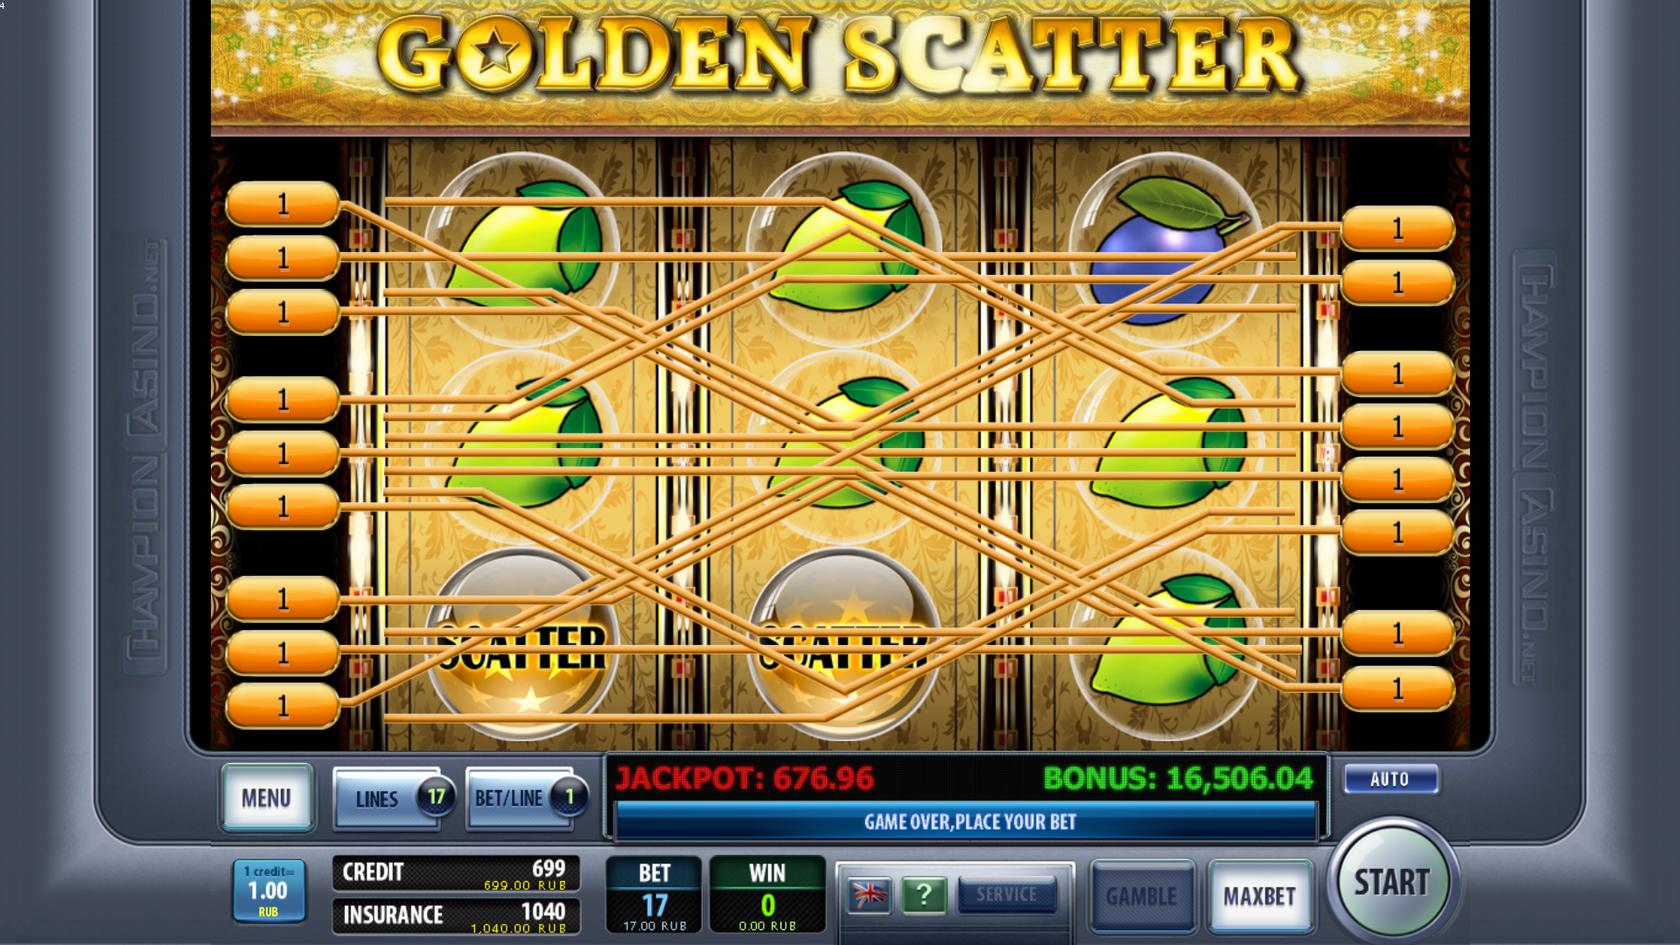 официальный сайт казино чемпион слот